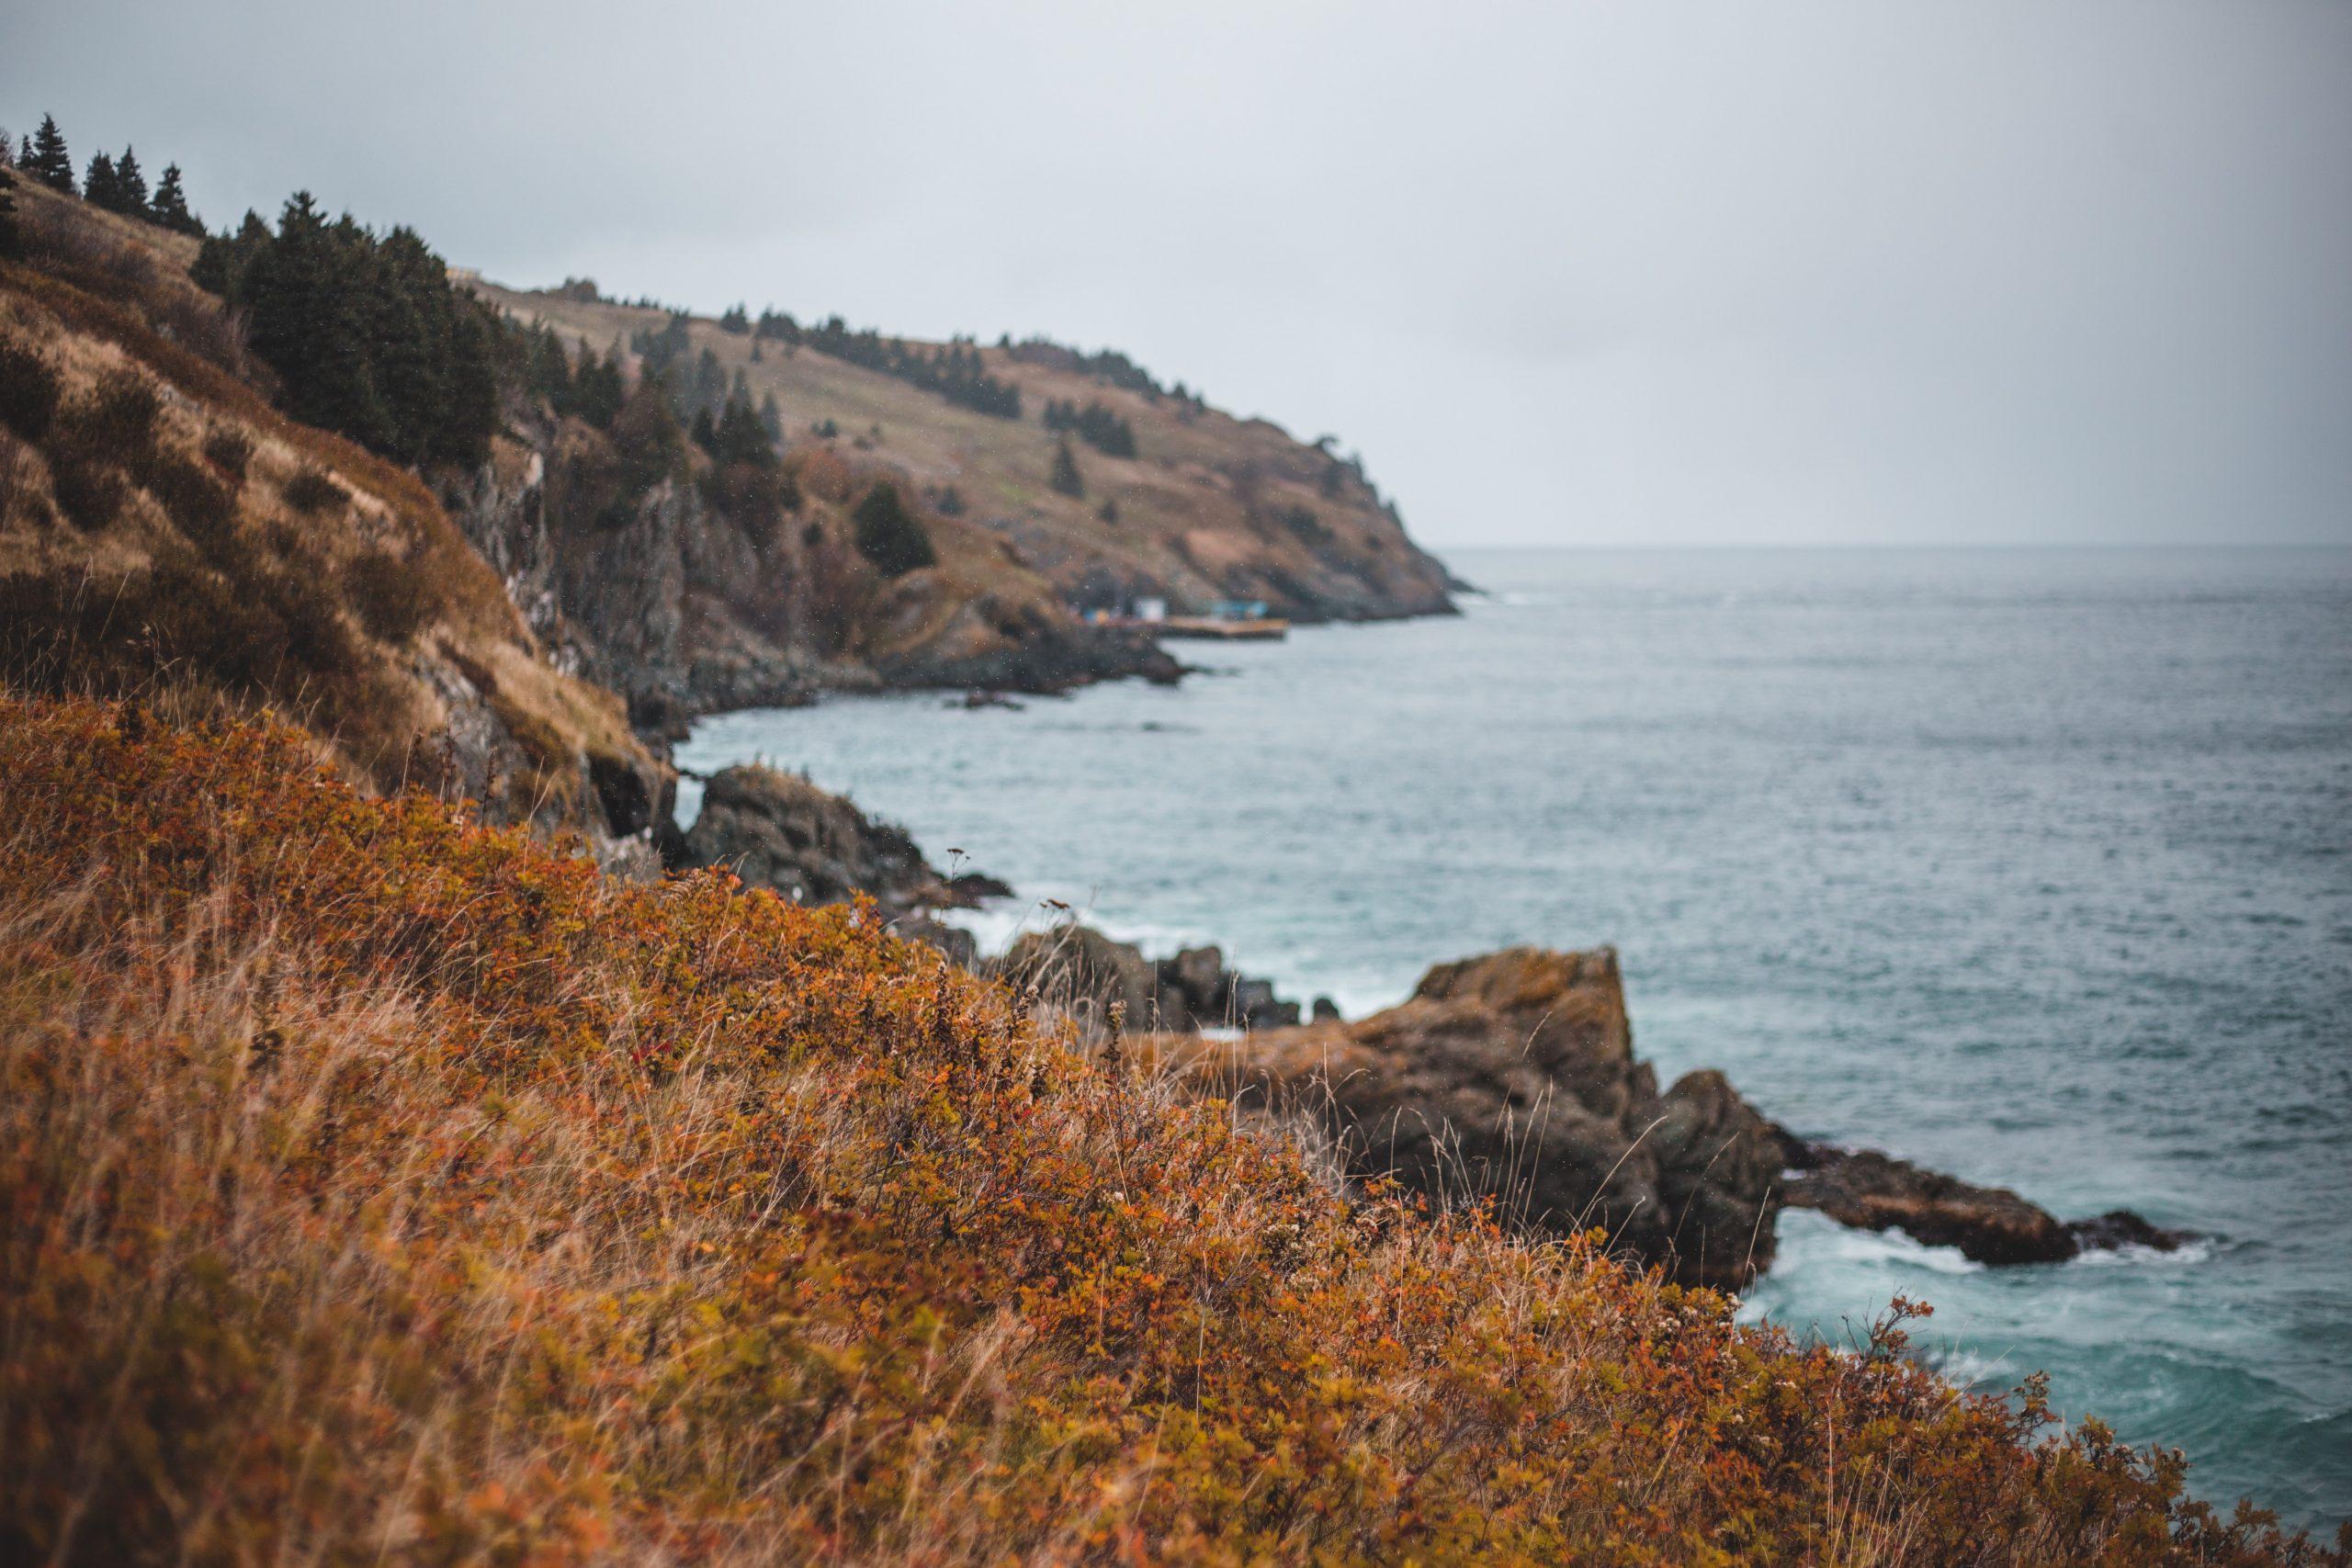 Scenic coastline of Newfoundland